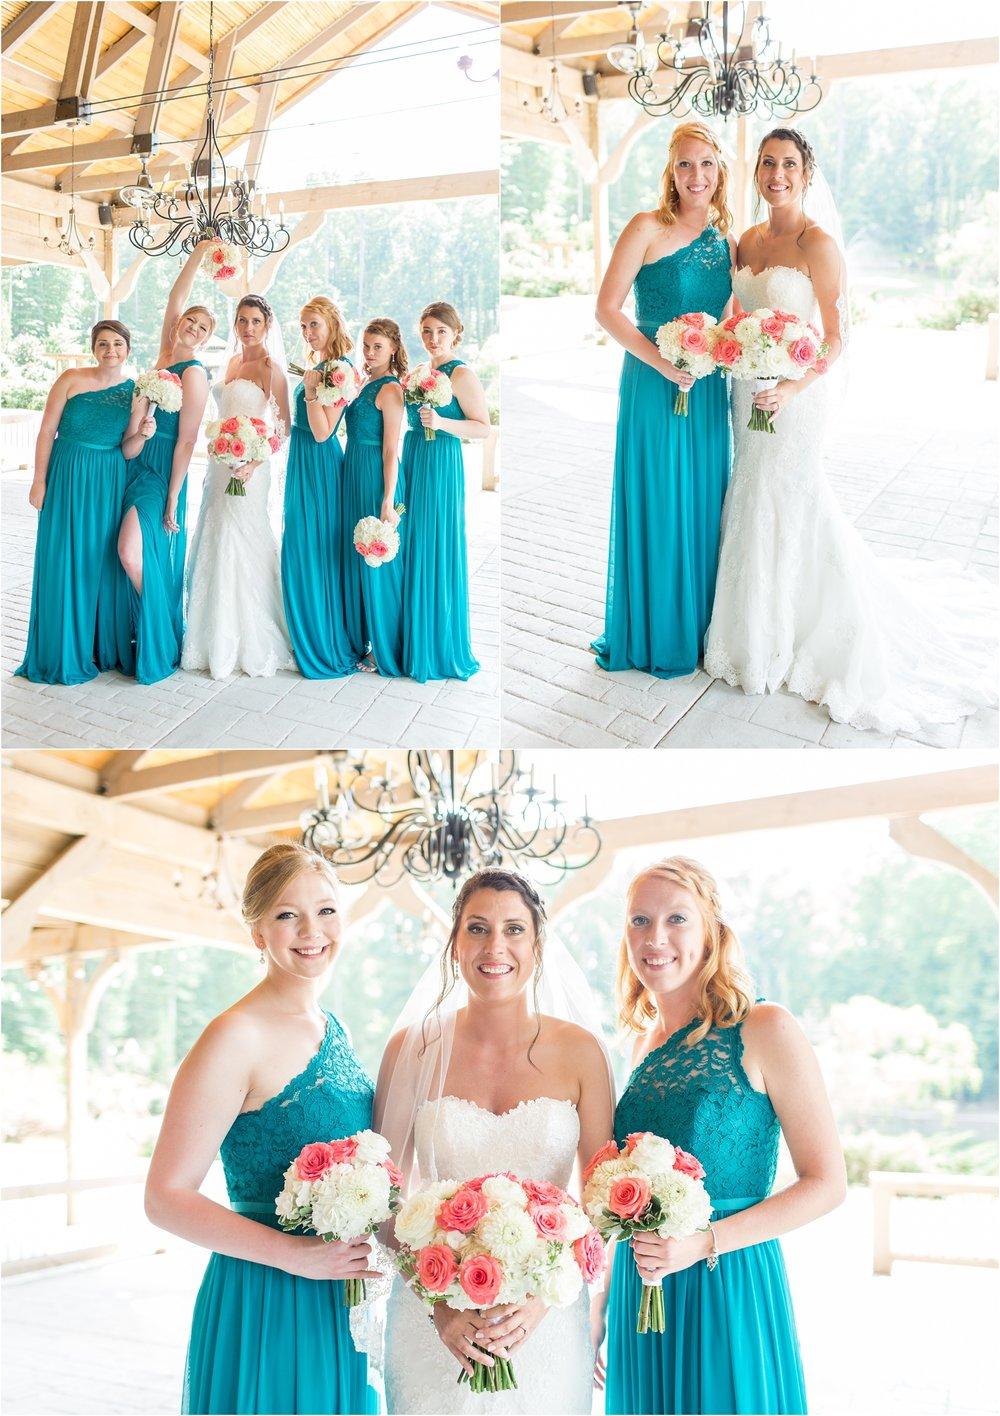 Savannah Eve Photography- Roberts-Brown Wedding- Sneak Peek-21.jpg